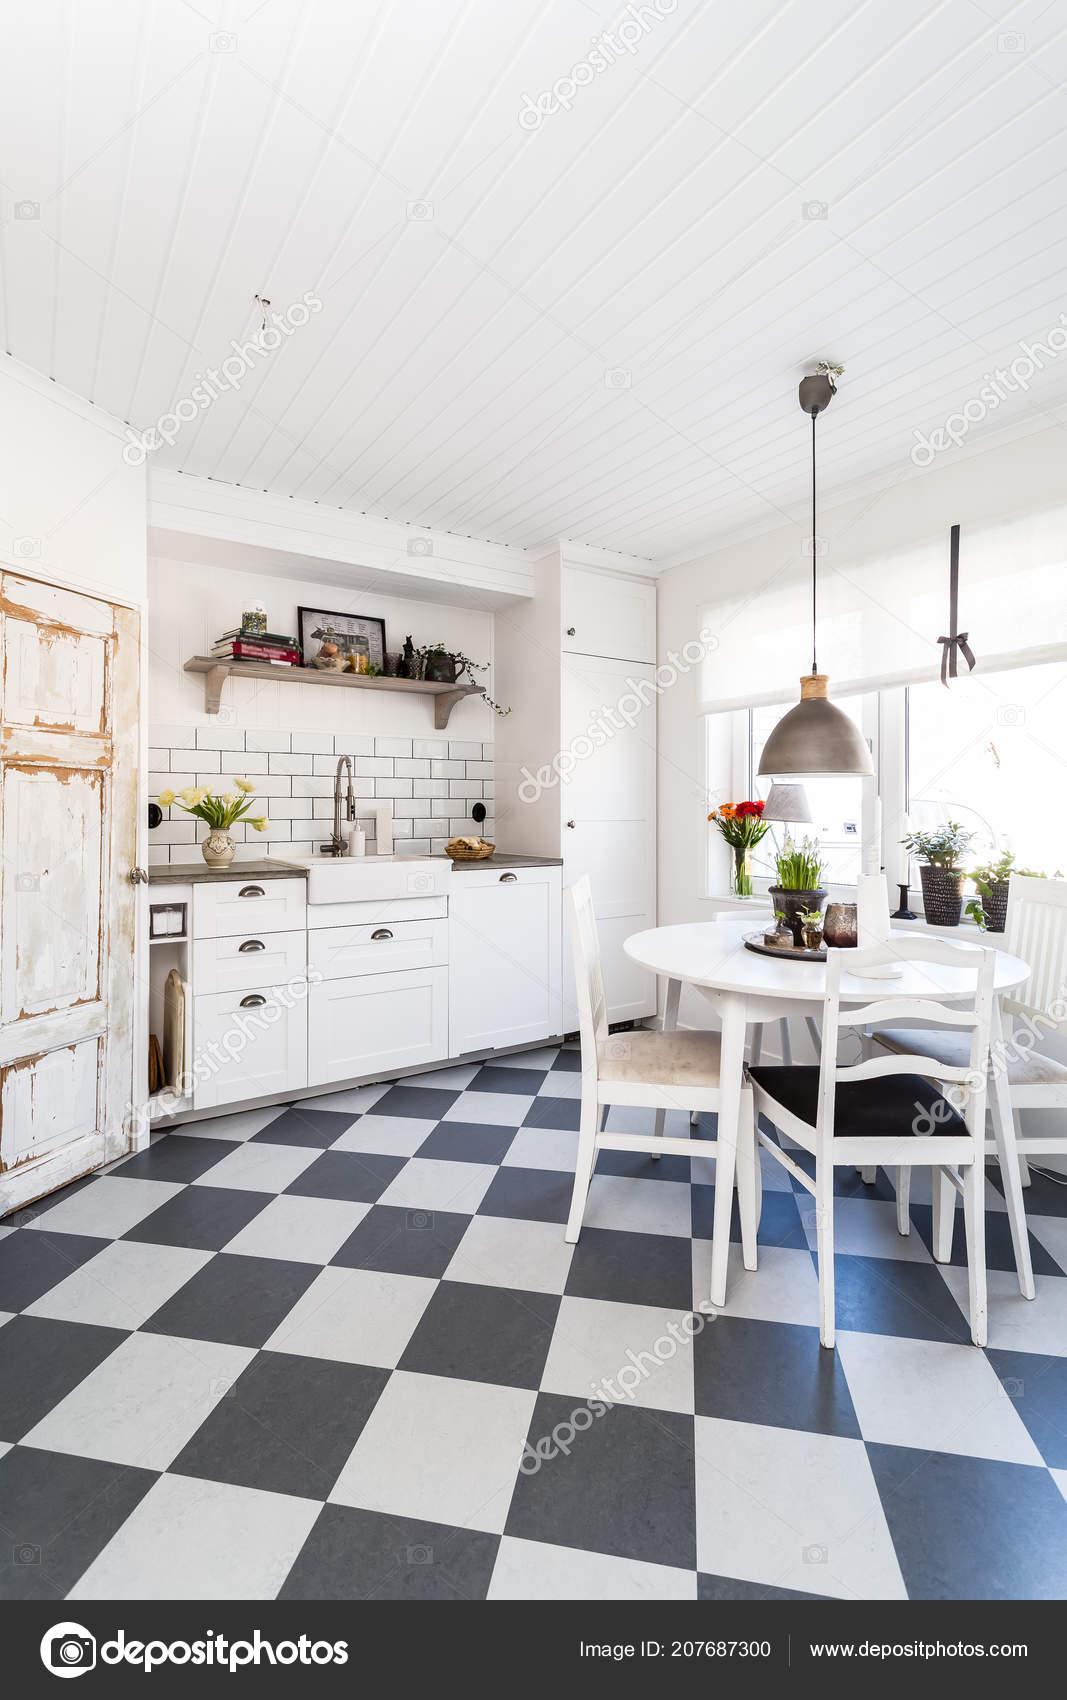 Ausgefallene Skandinavische Küche Interieur — Stockfoto ...